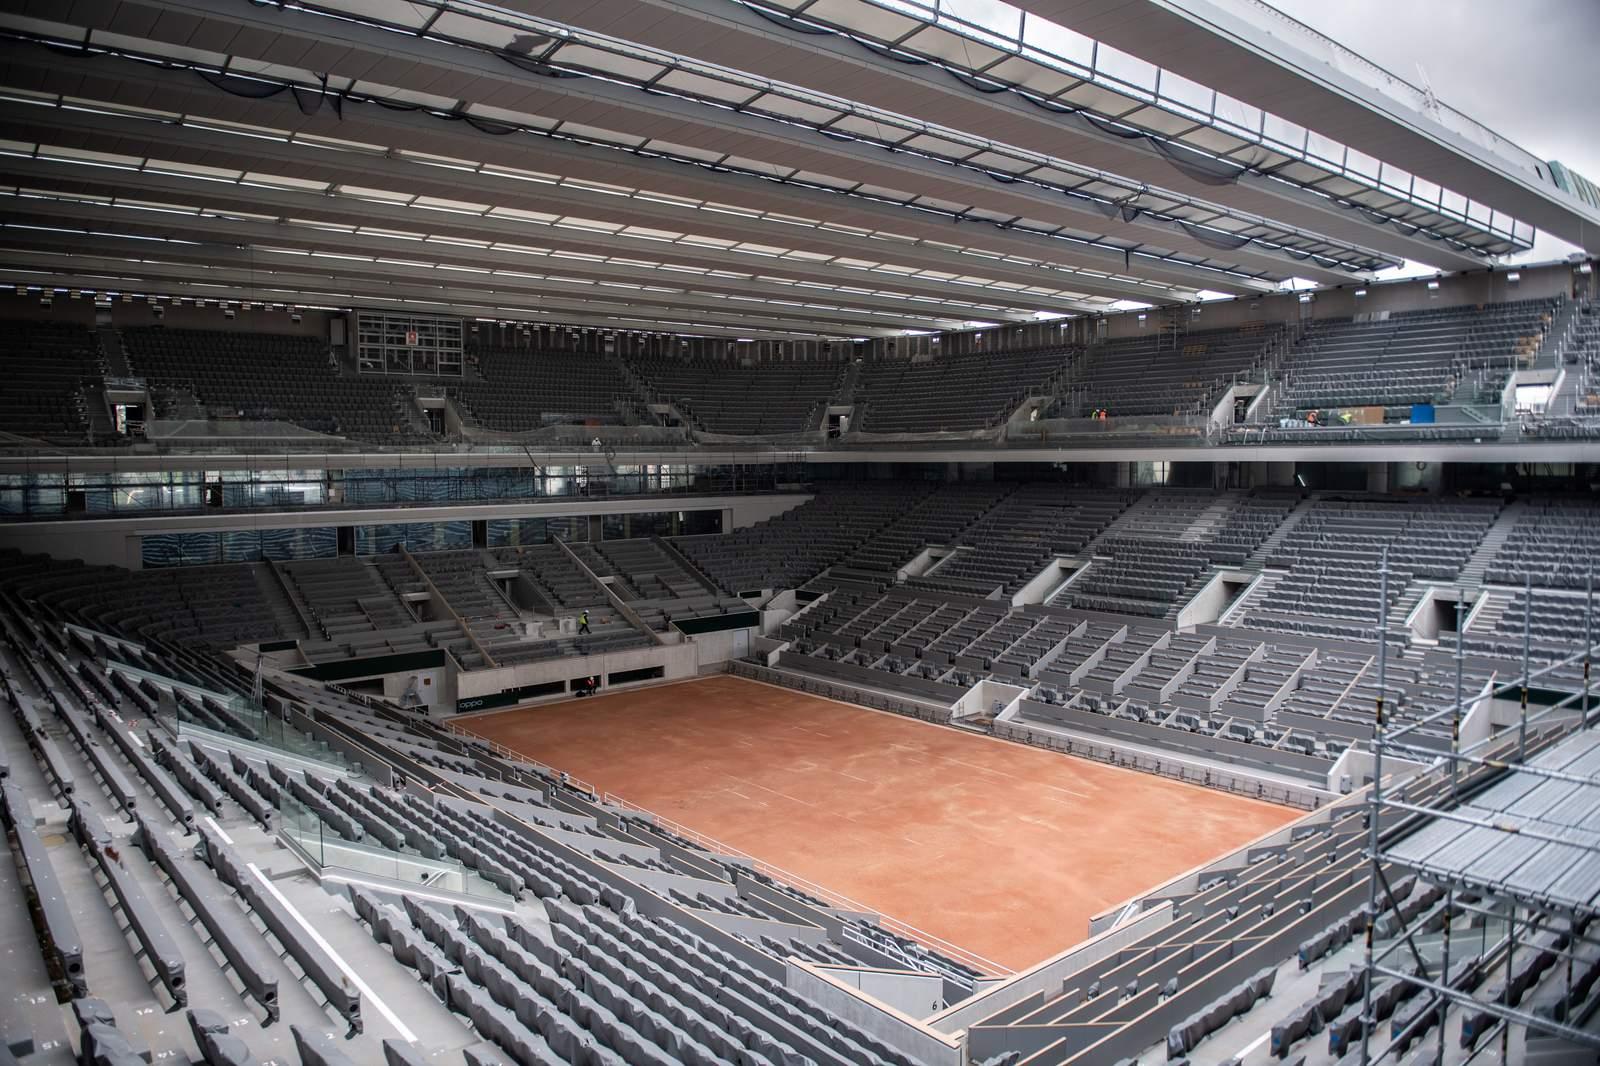 Tênis: ATP e WTA cancelam temporada de saibro